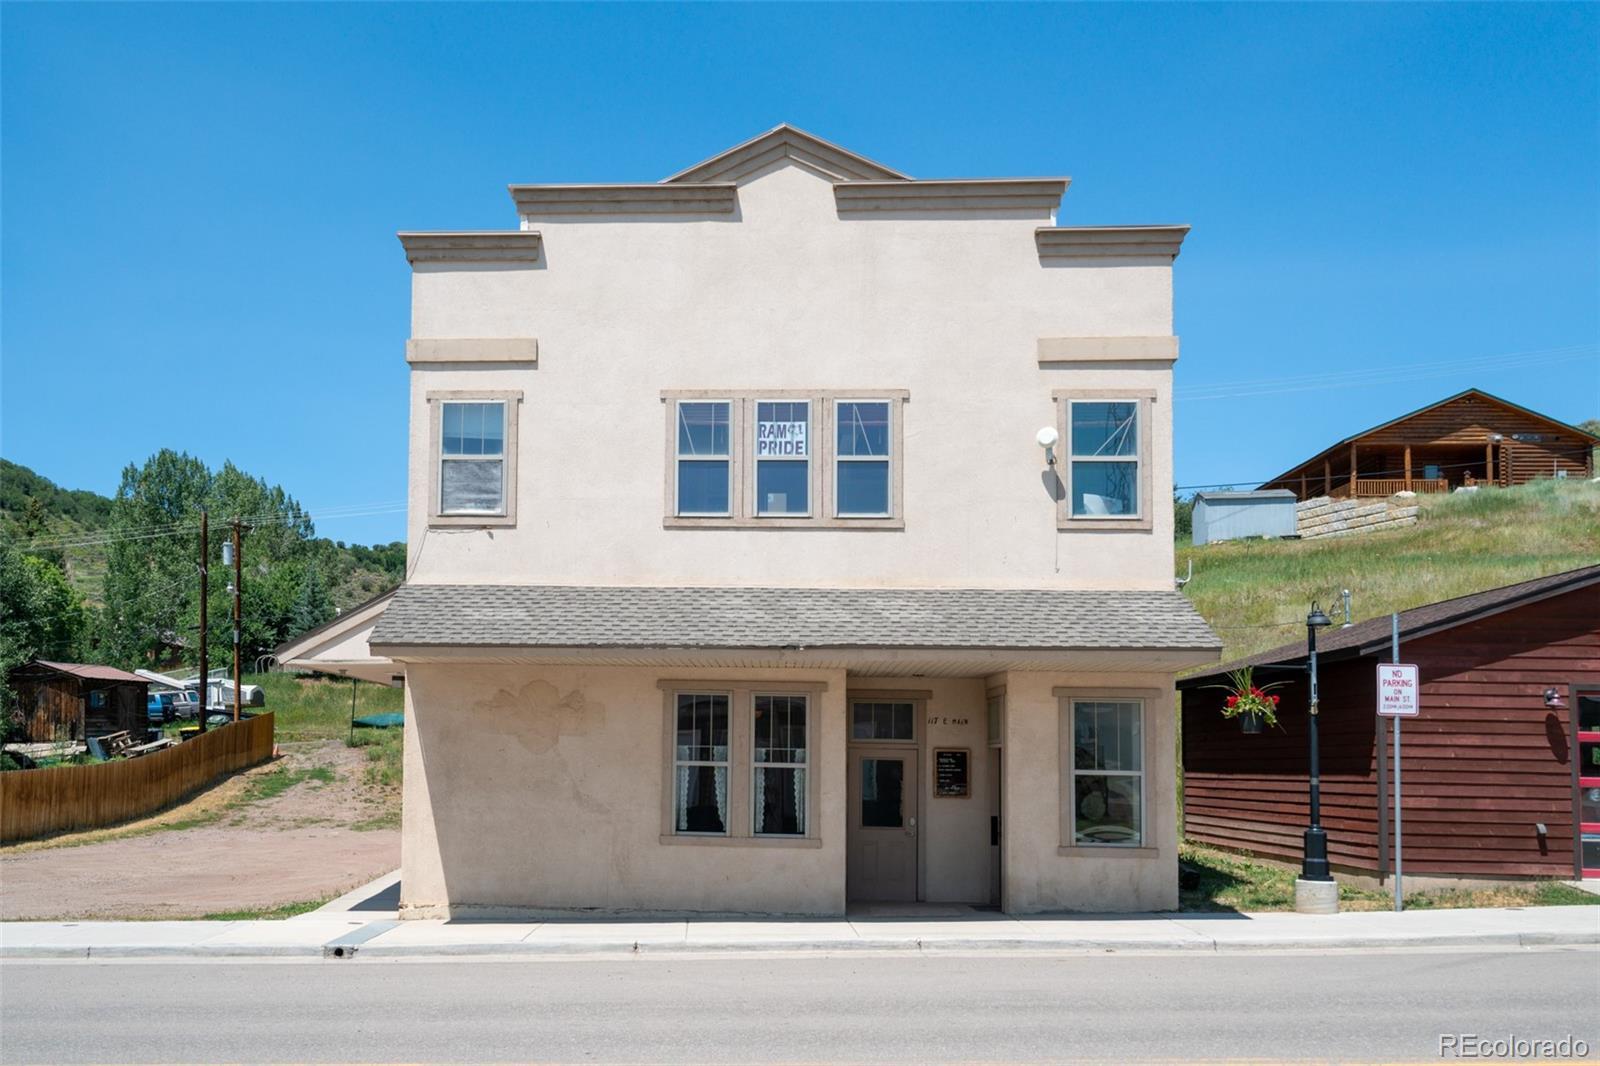 MLS# 2223232 - 7 - 117 E Main Street, Oak Creek, CO 80467